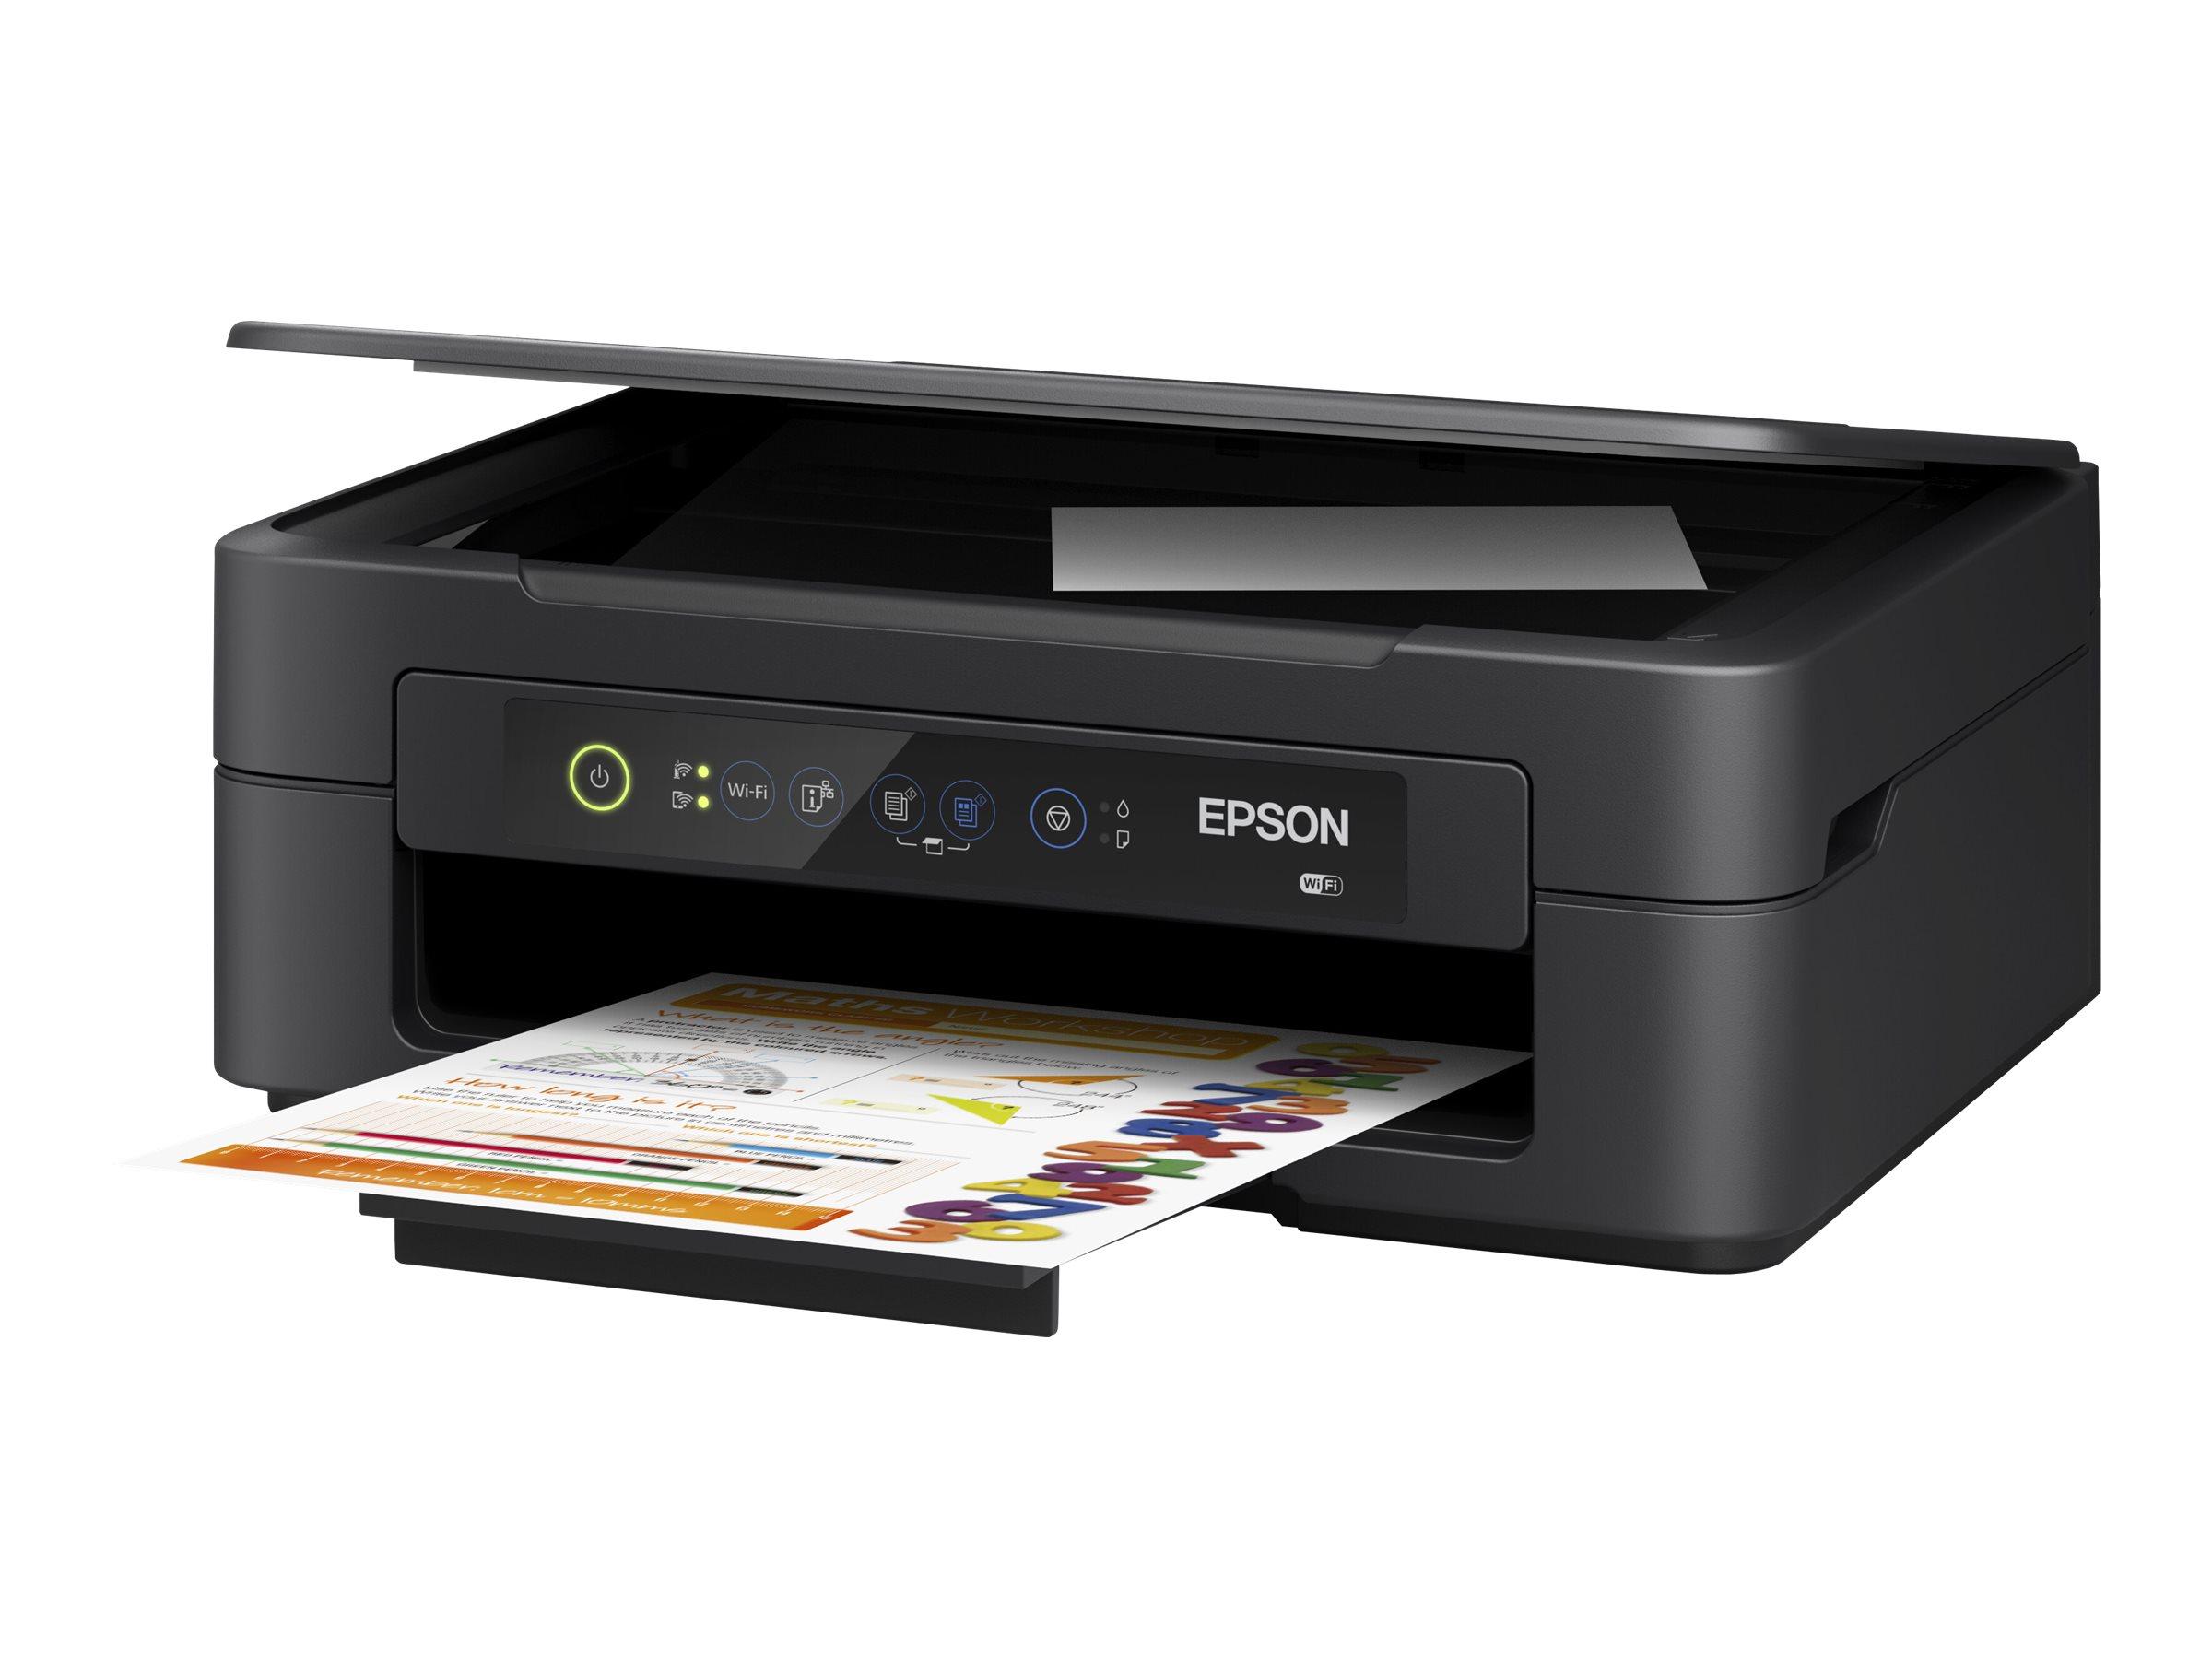 Epson Expression Home XP-2105 - Multifunktionsdrucker - Farbe - Tintenstrahl - A4/Legal (Medien) - bis zu 8 Seiten/Min. (Drucken